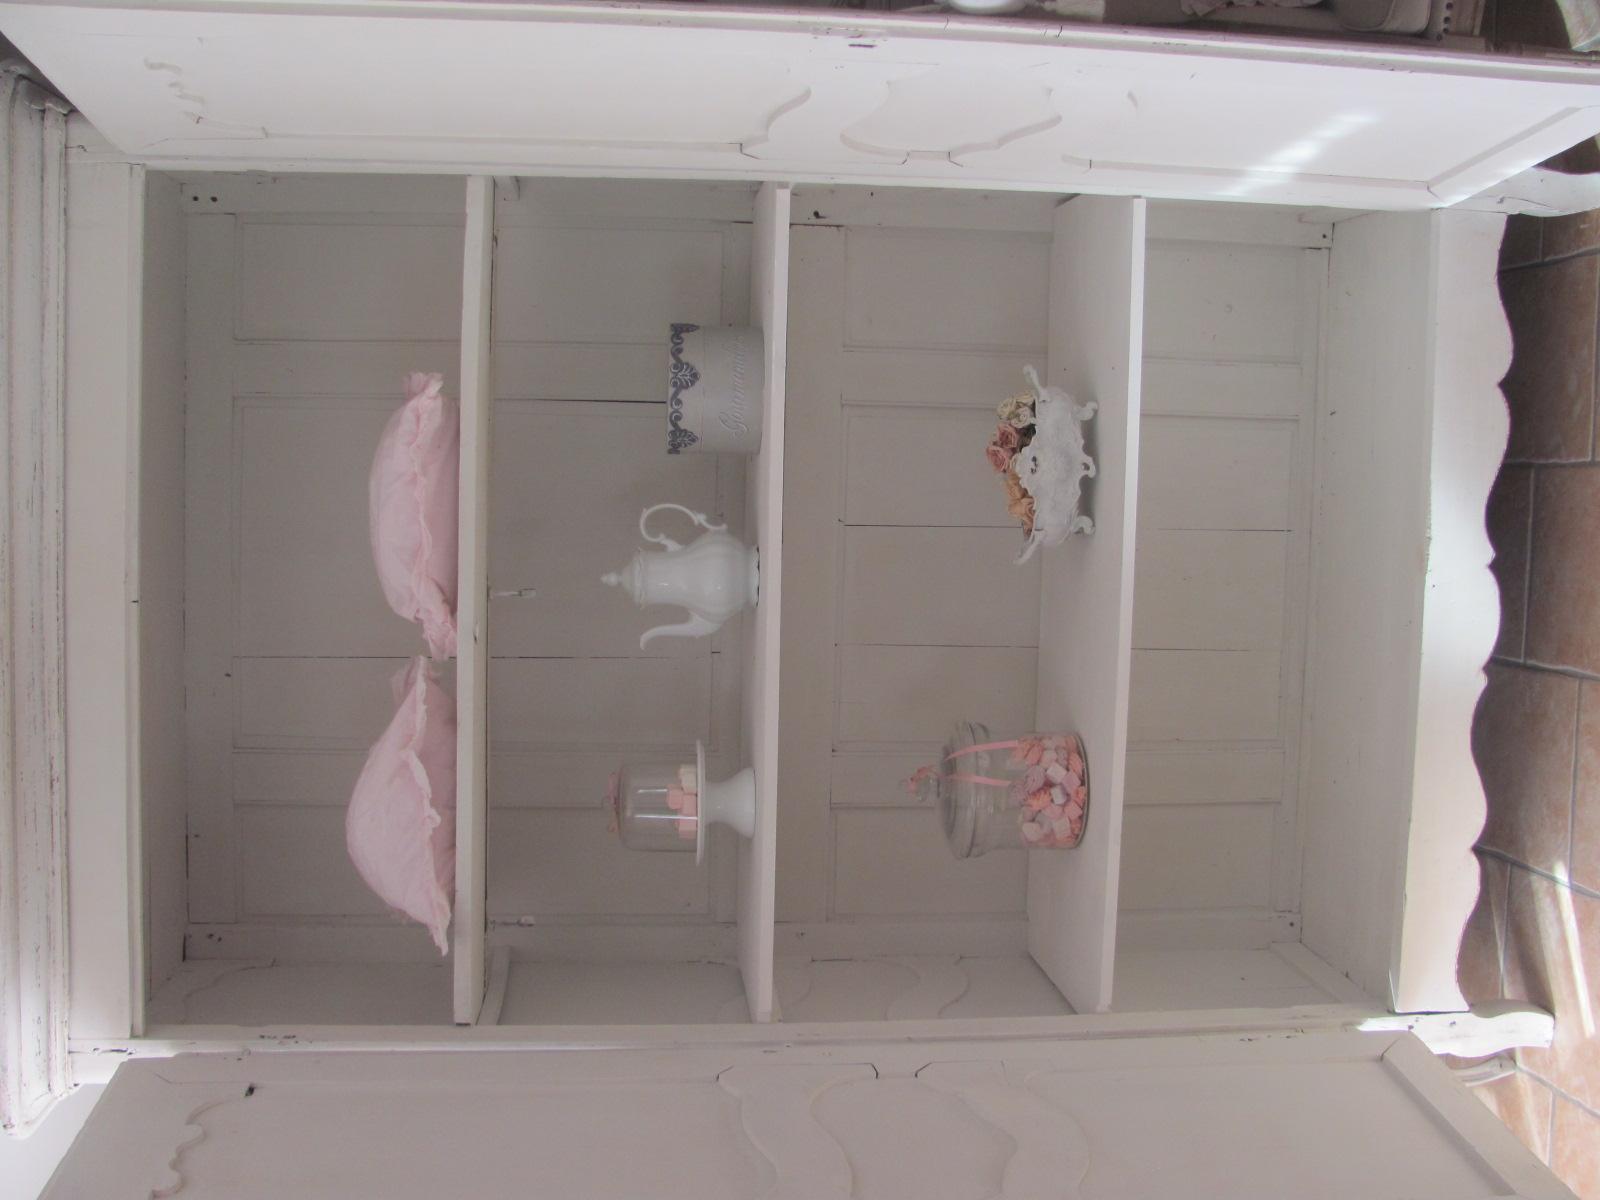 Sublime armoire normande tr s ancienne accessoires maison par louise patine - Armoire normande ancienne ...